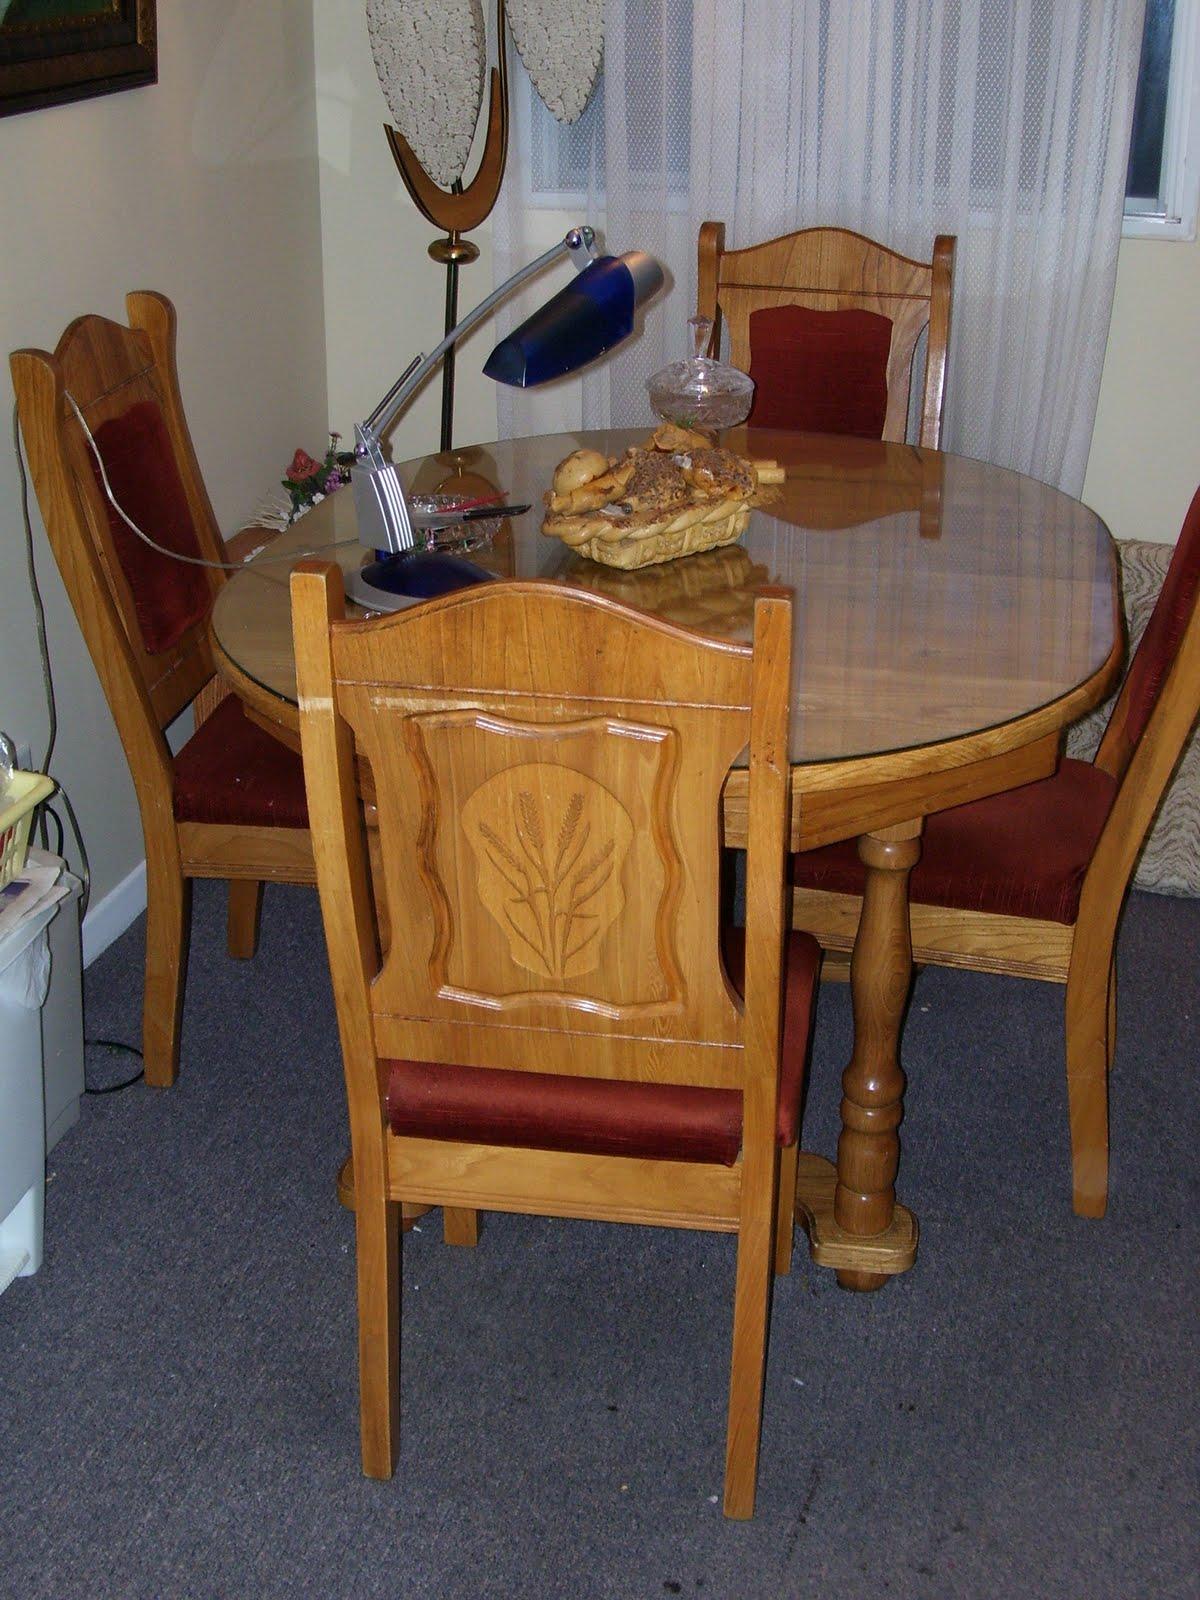 fermeture de maison 418 243 1337 ameublement de cuisine en ch ne table avec verre. Black Bedroom Furniture Sets. Home Design Ideas